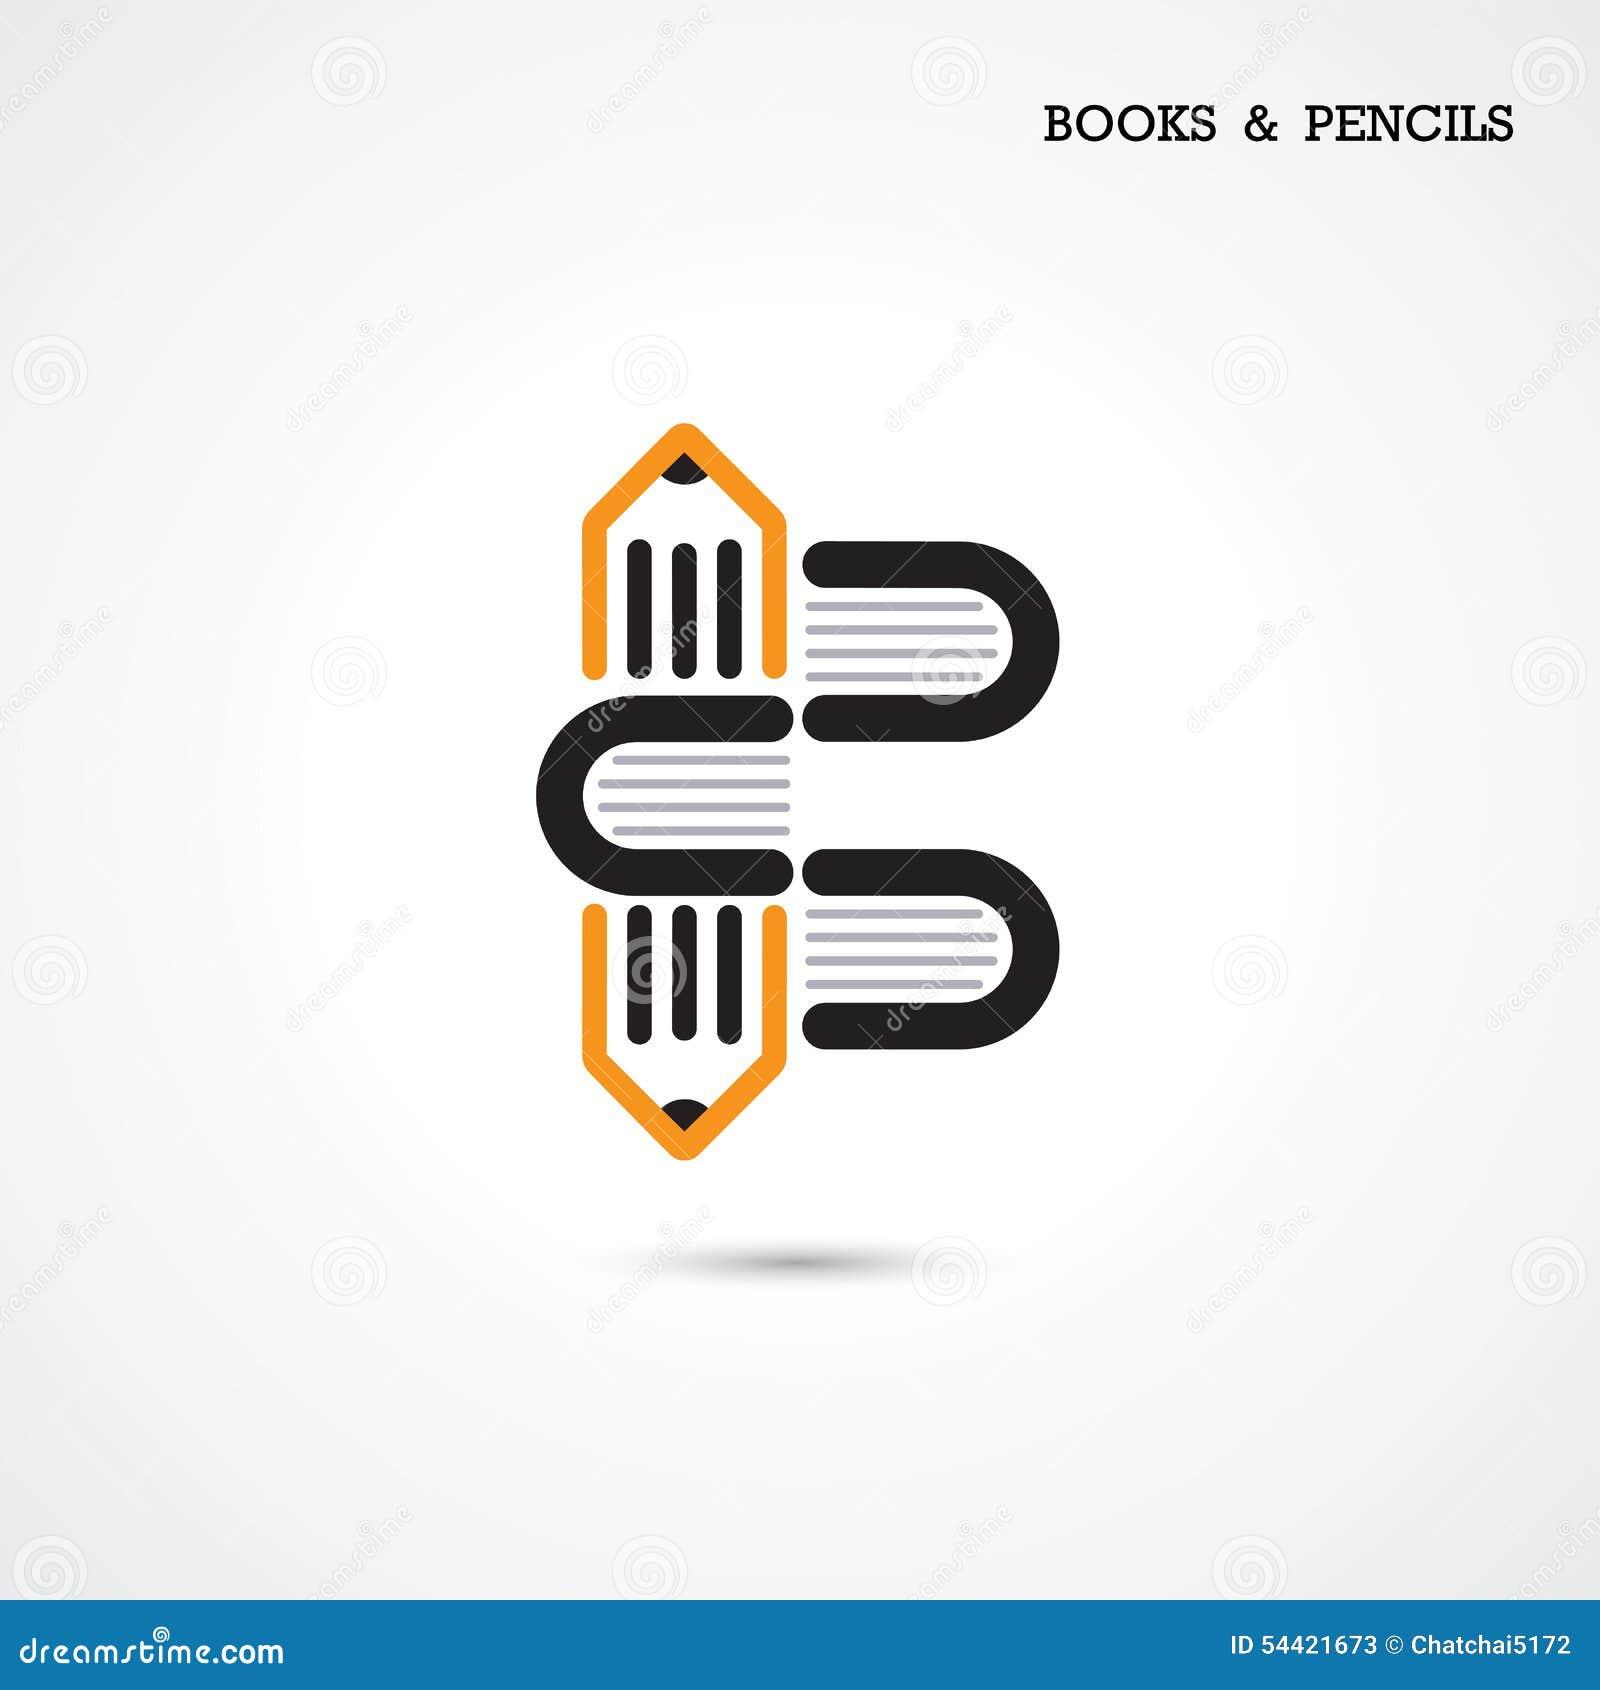 Creative Book Logo Design : Creative pencil and book icon abstract logo design vector